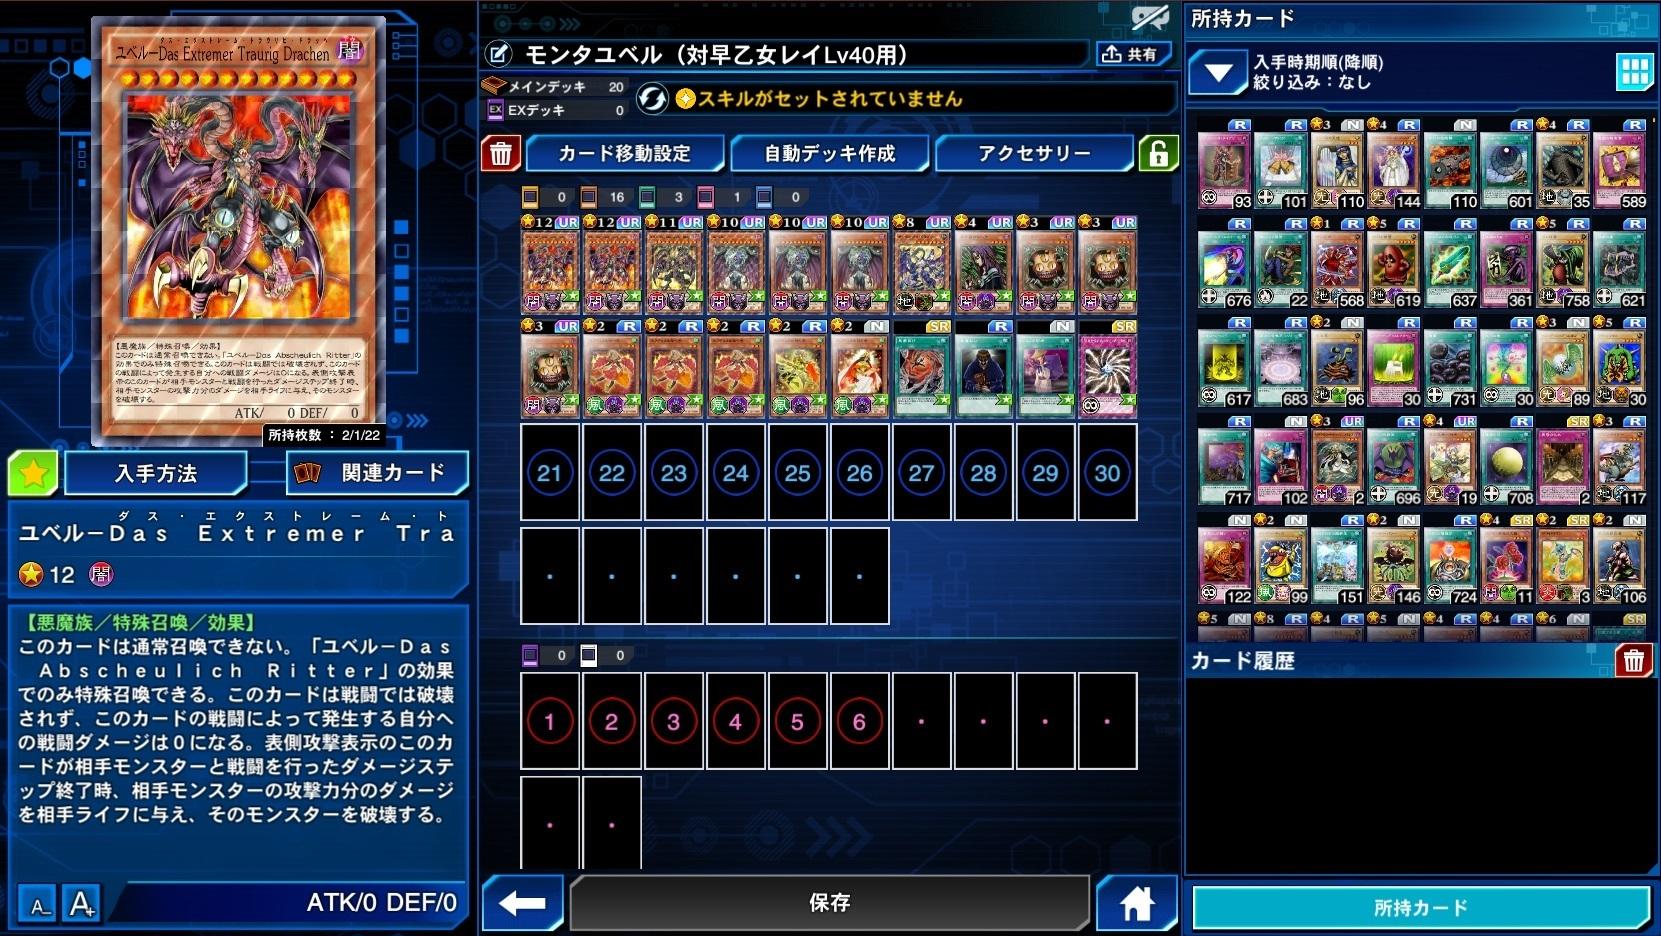 2020.5.15 モンタユベル(早乙女レイLv40用)1.jpg